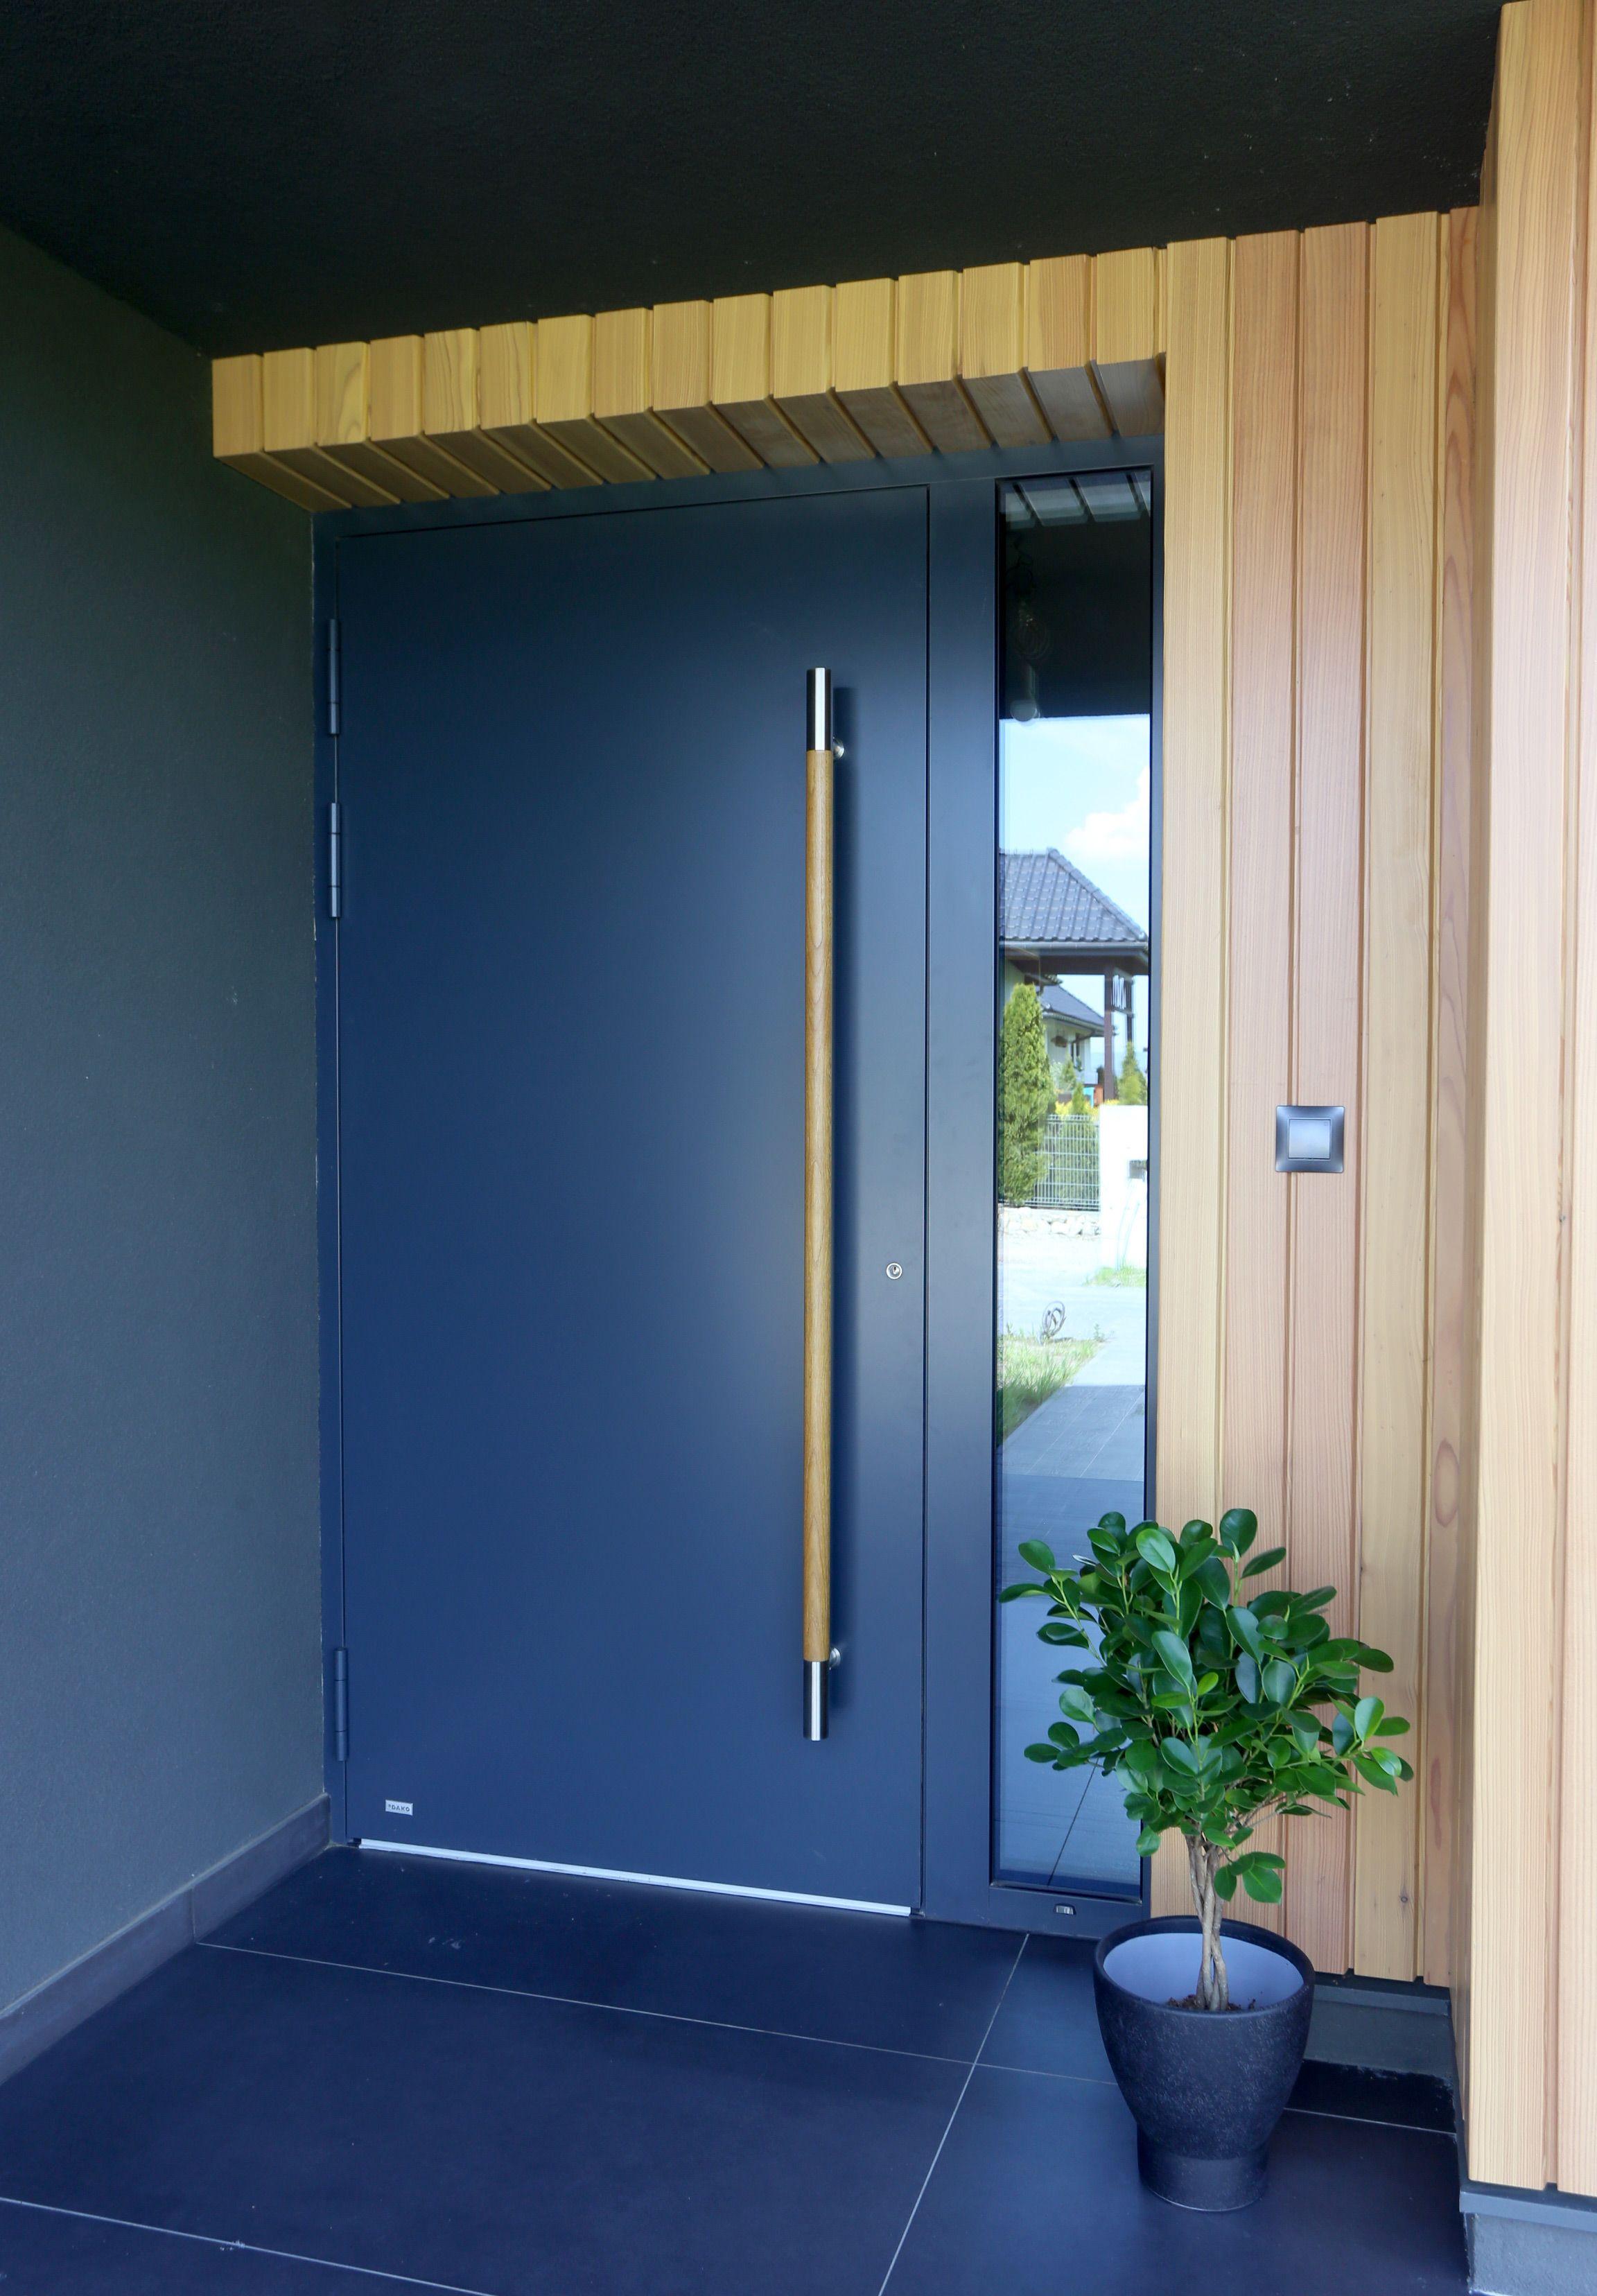 Cudowna Aluminiowe drzwi zewnętrzne (model TIRANO) z drewnianym pochwytem MA58